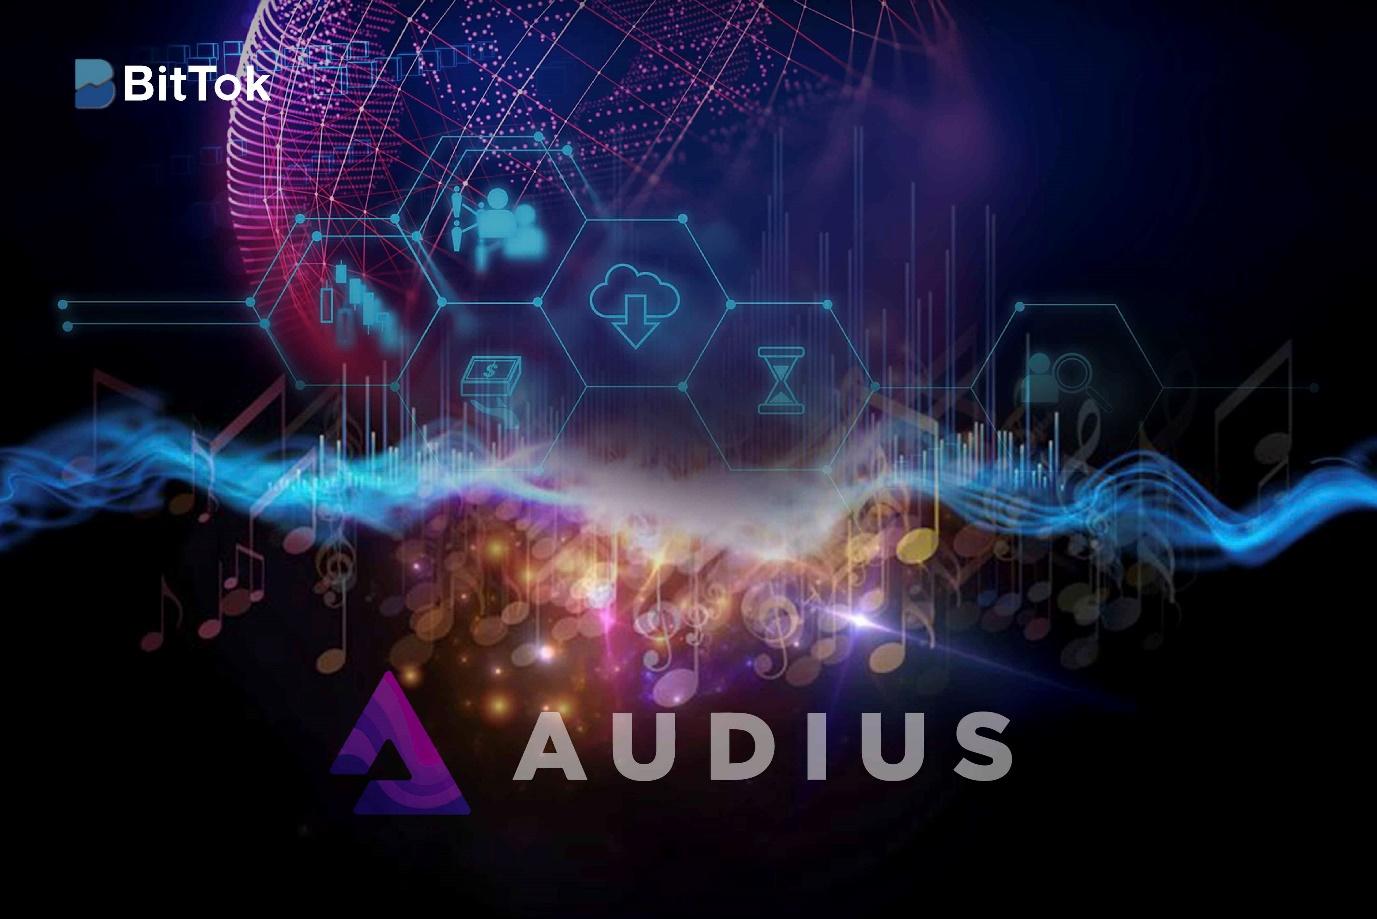 BitTok|基于IPFS技术的Audius如何促进音乐产业生态